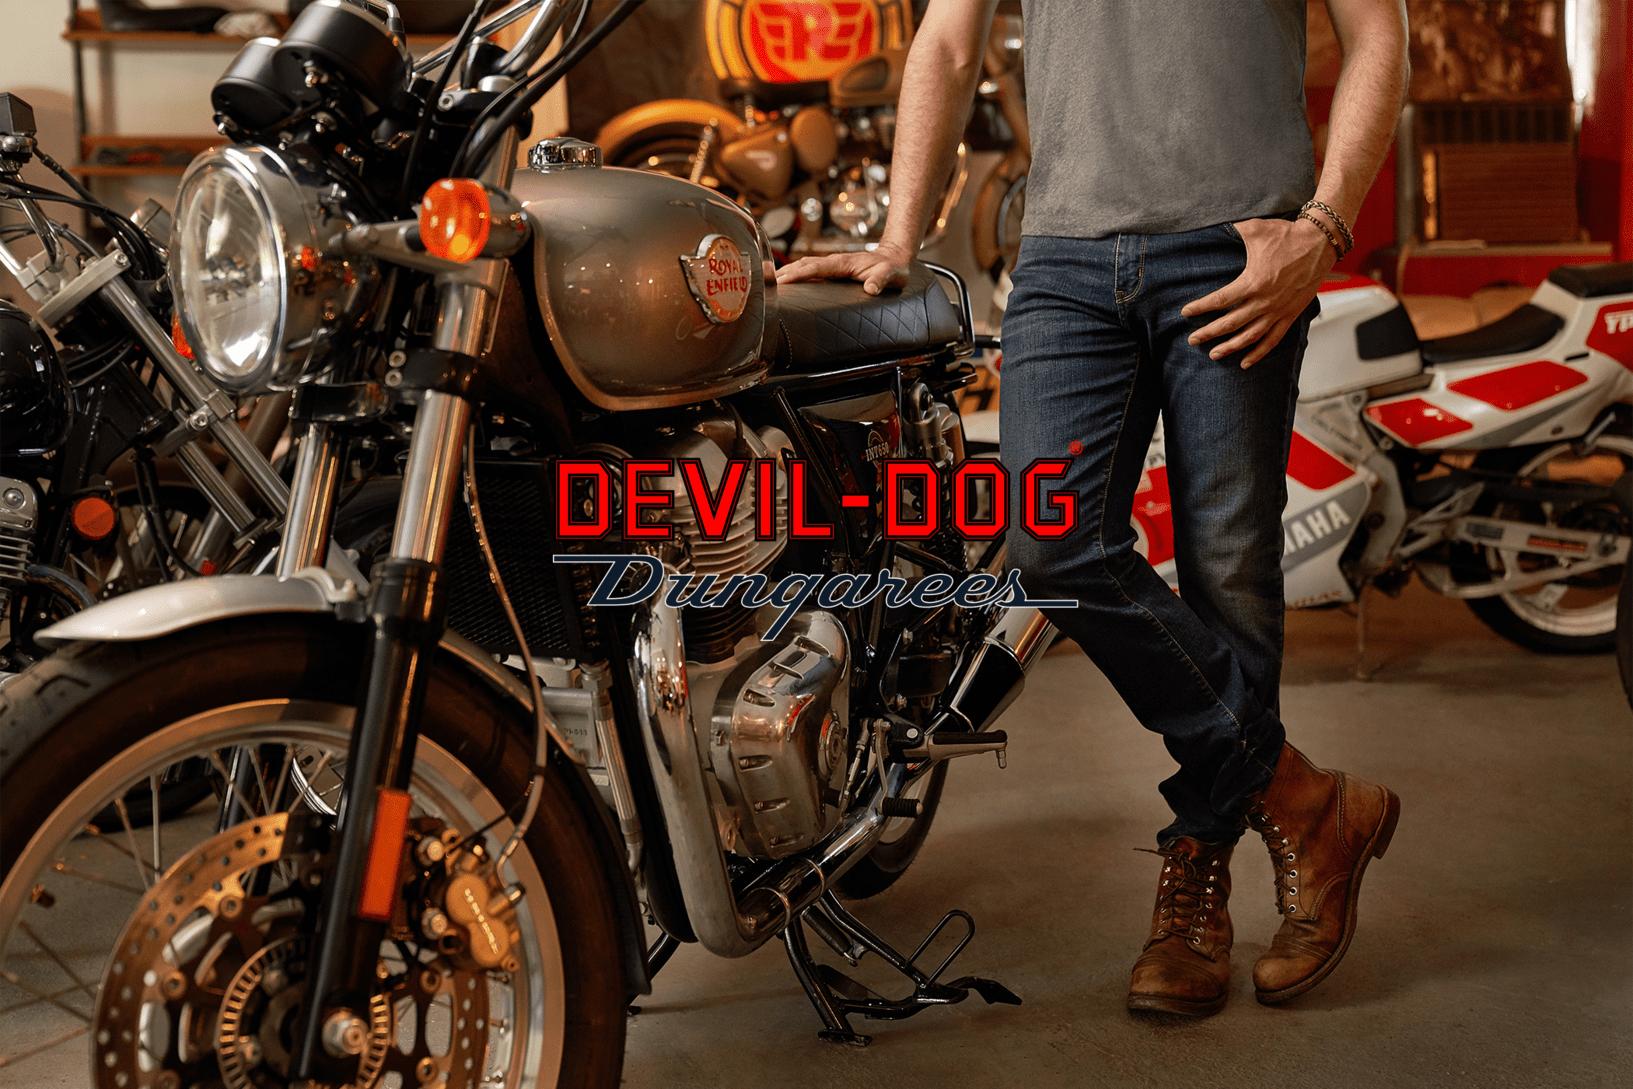 DEVIL-DOG Dungarees